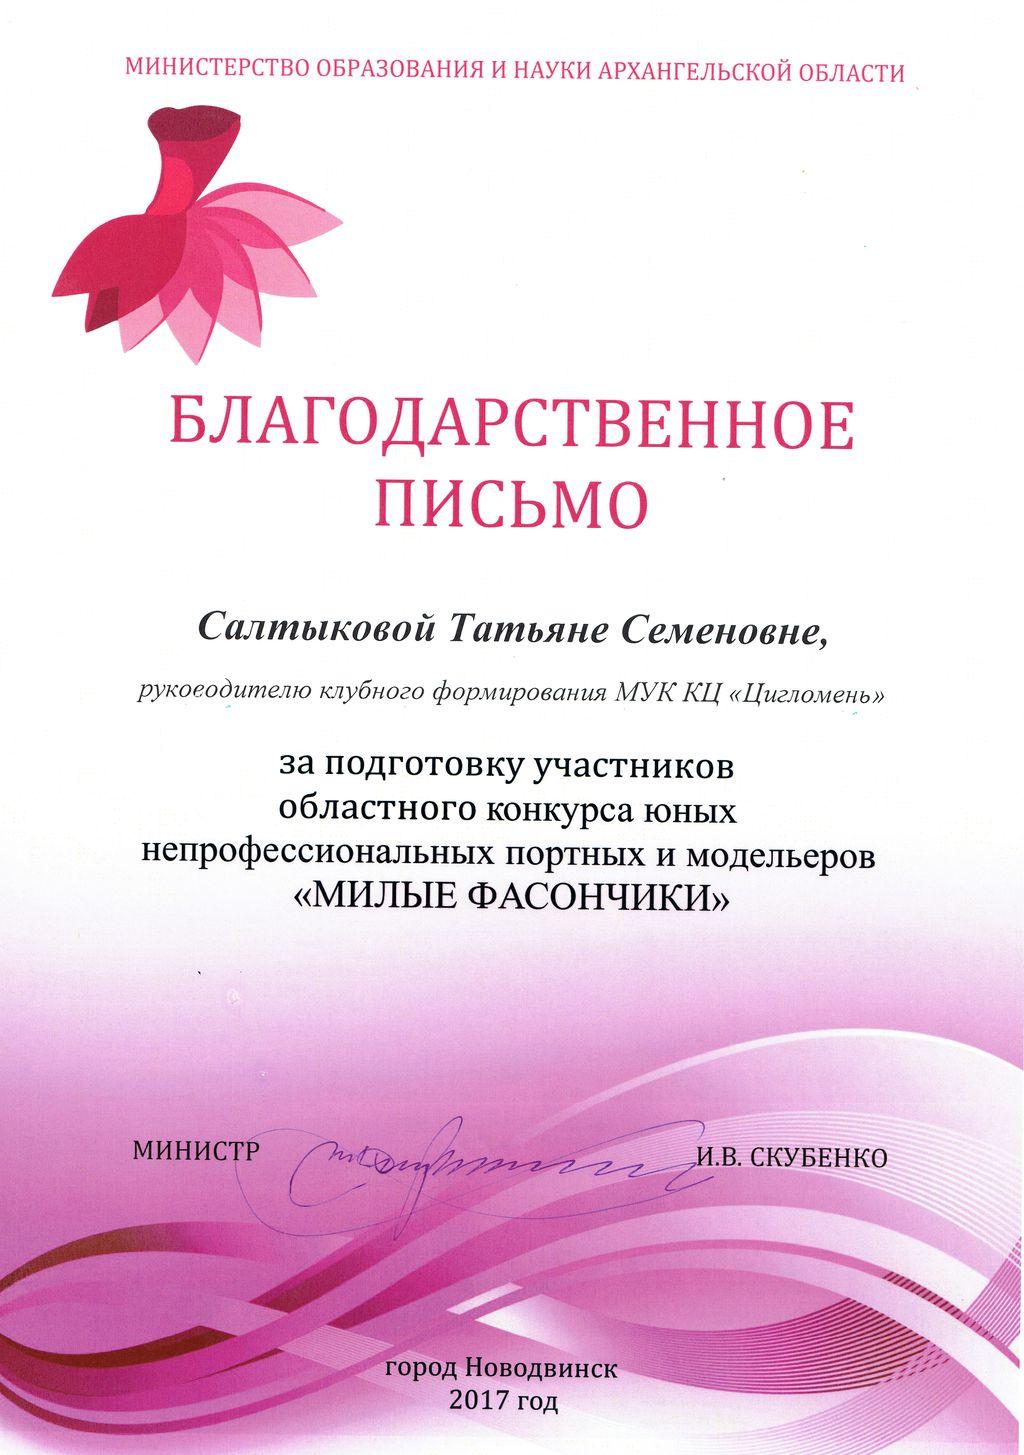 Благодарственное письмо Салтыковой Т.С. за подготовку участников областного конкурса Милые фасончики